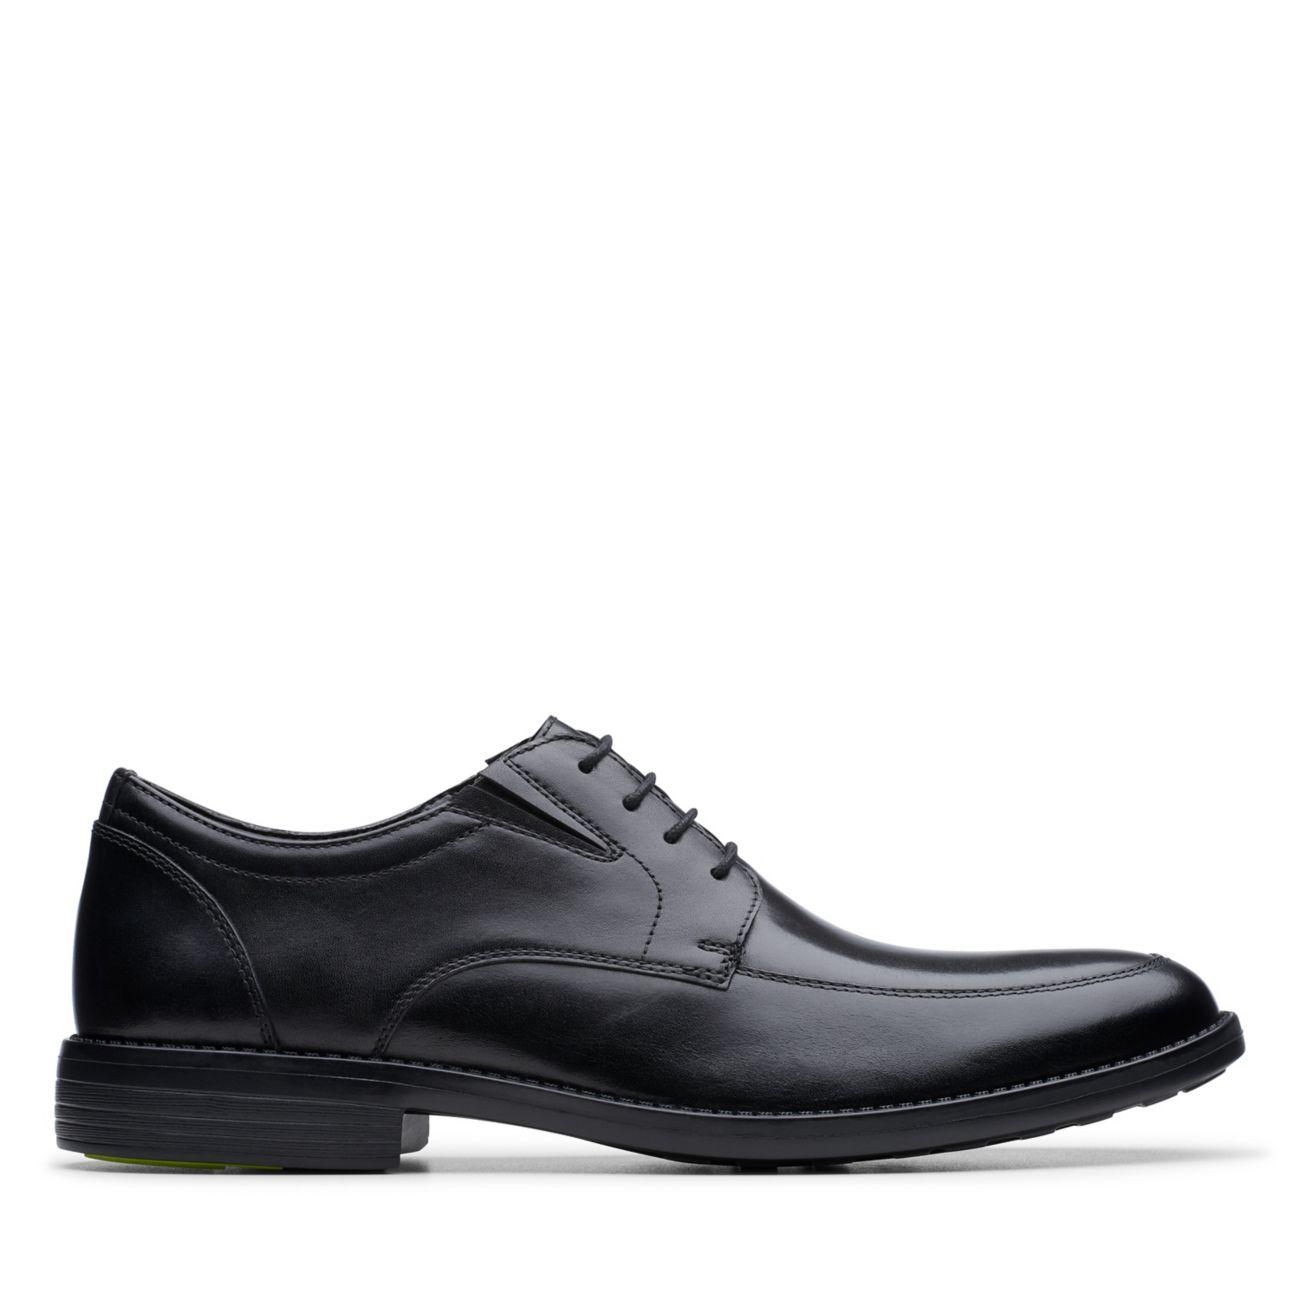 Birkett Apron Black Leather- Mens Dress Shoes-Clarks® Shoes Official Site     Clarks